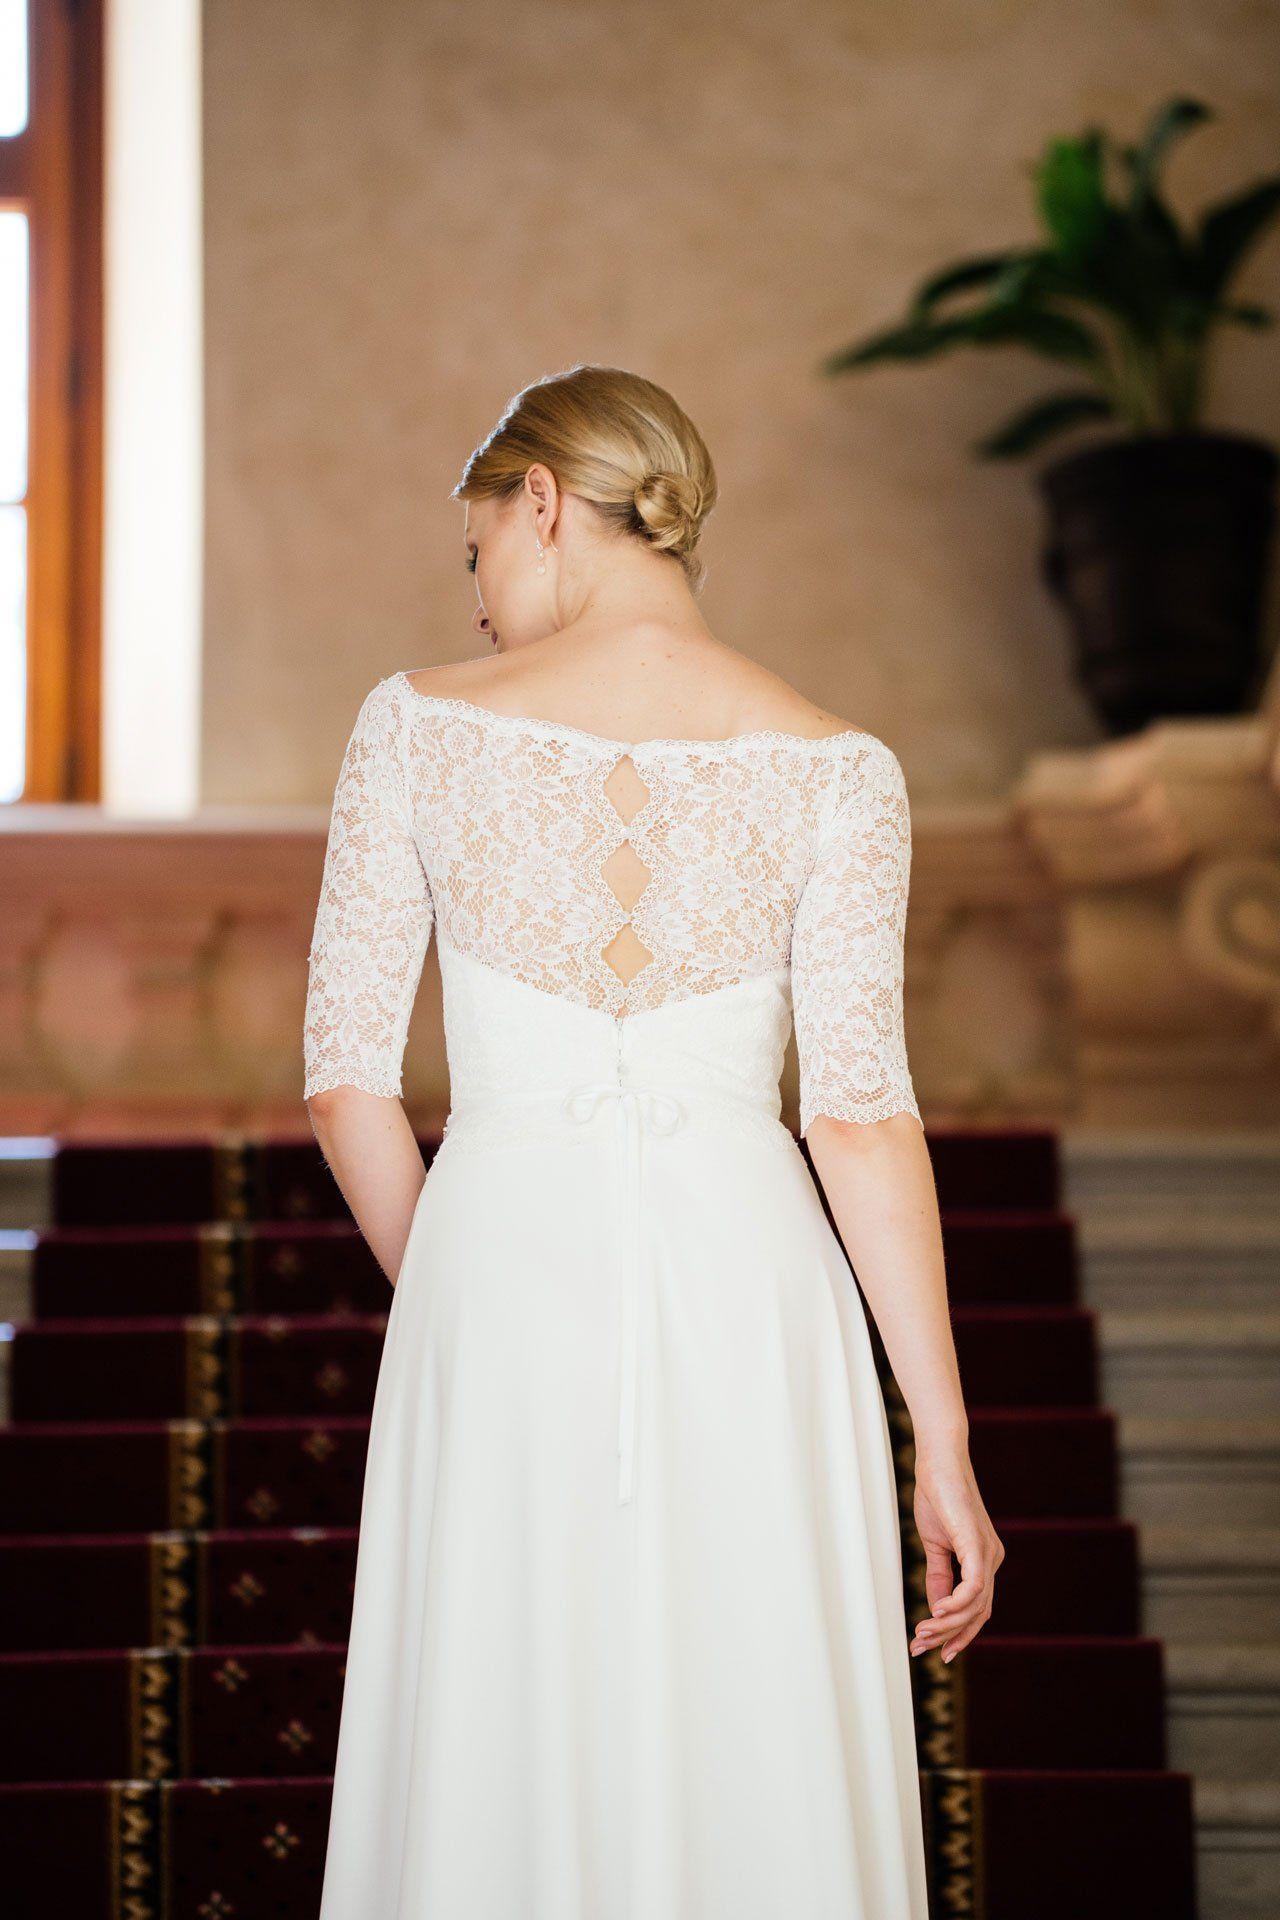 Brautkleid Spitze Ärmel – besonderer Rücken | Hochzeitskleid und ...